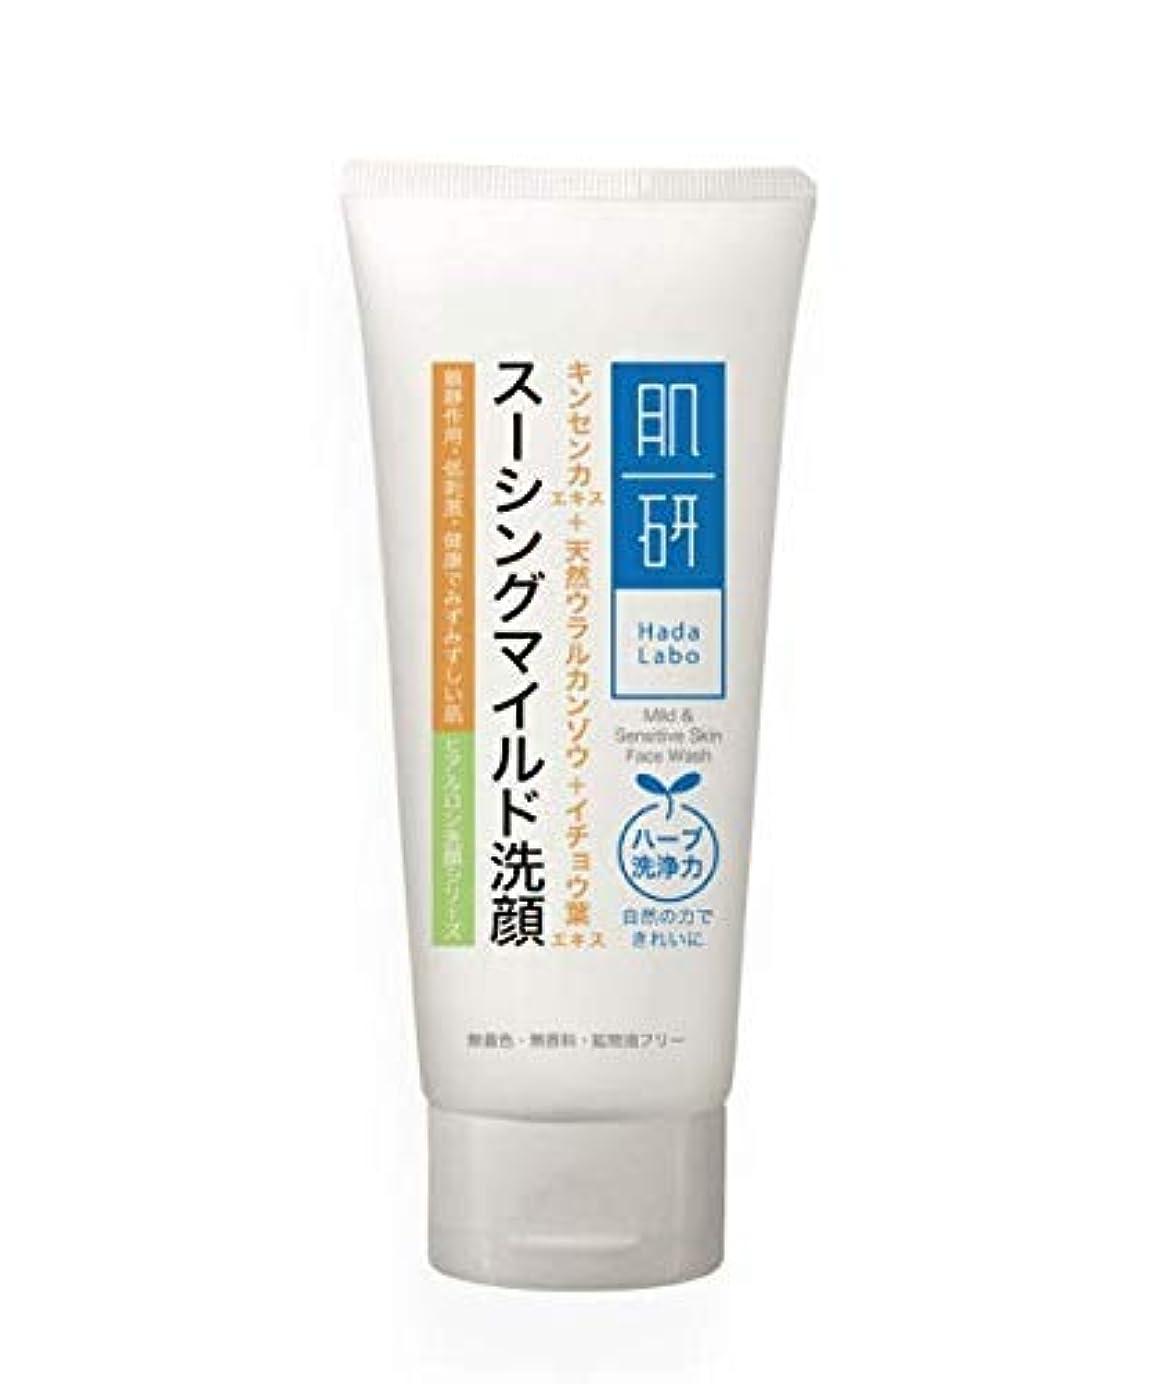 ピカソ明日究極のHADA LABO 100グラムマイルド洗顔&敏感